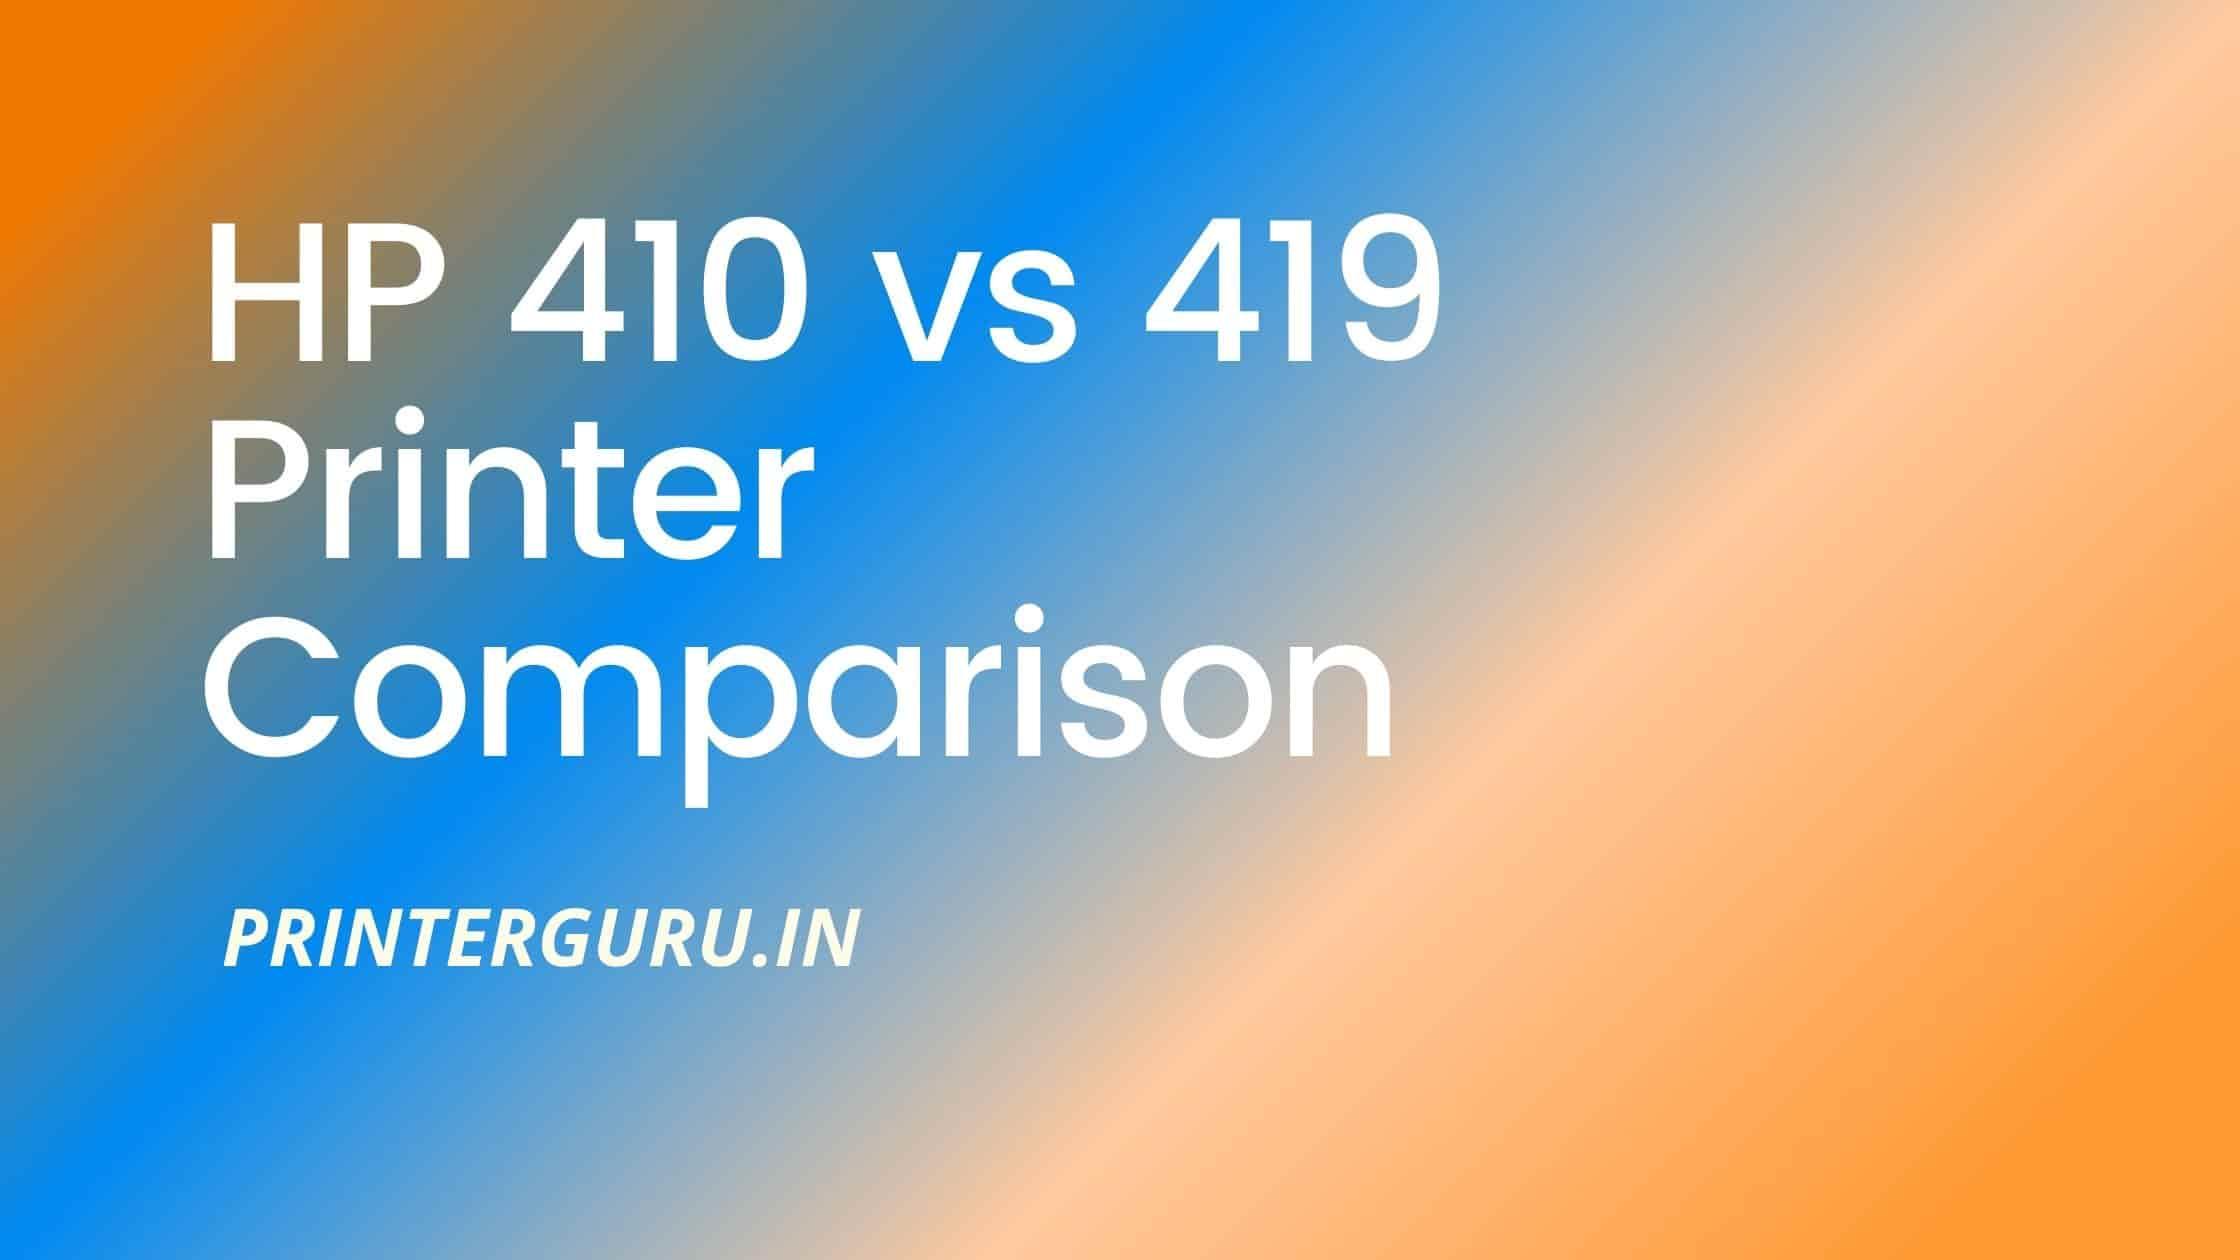 HP Ink Tank 419 vs 410